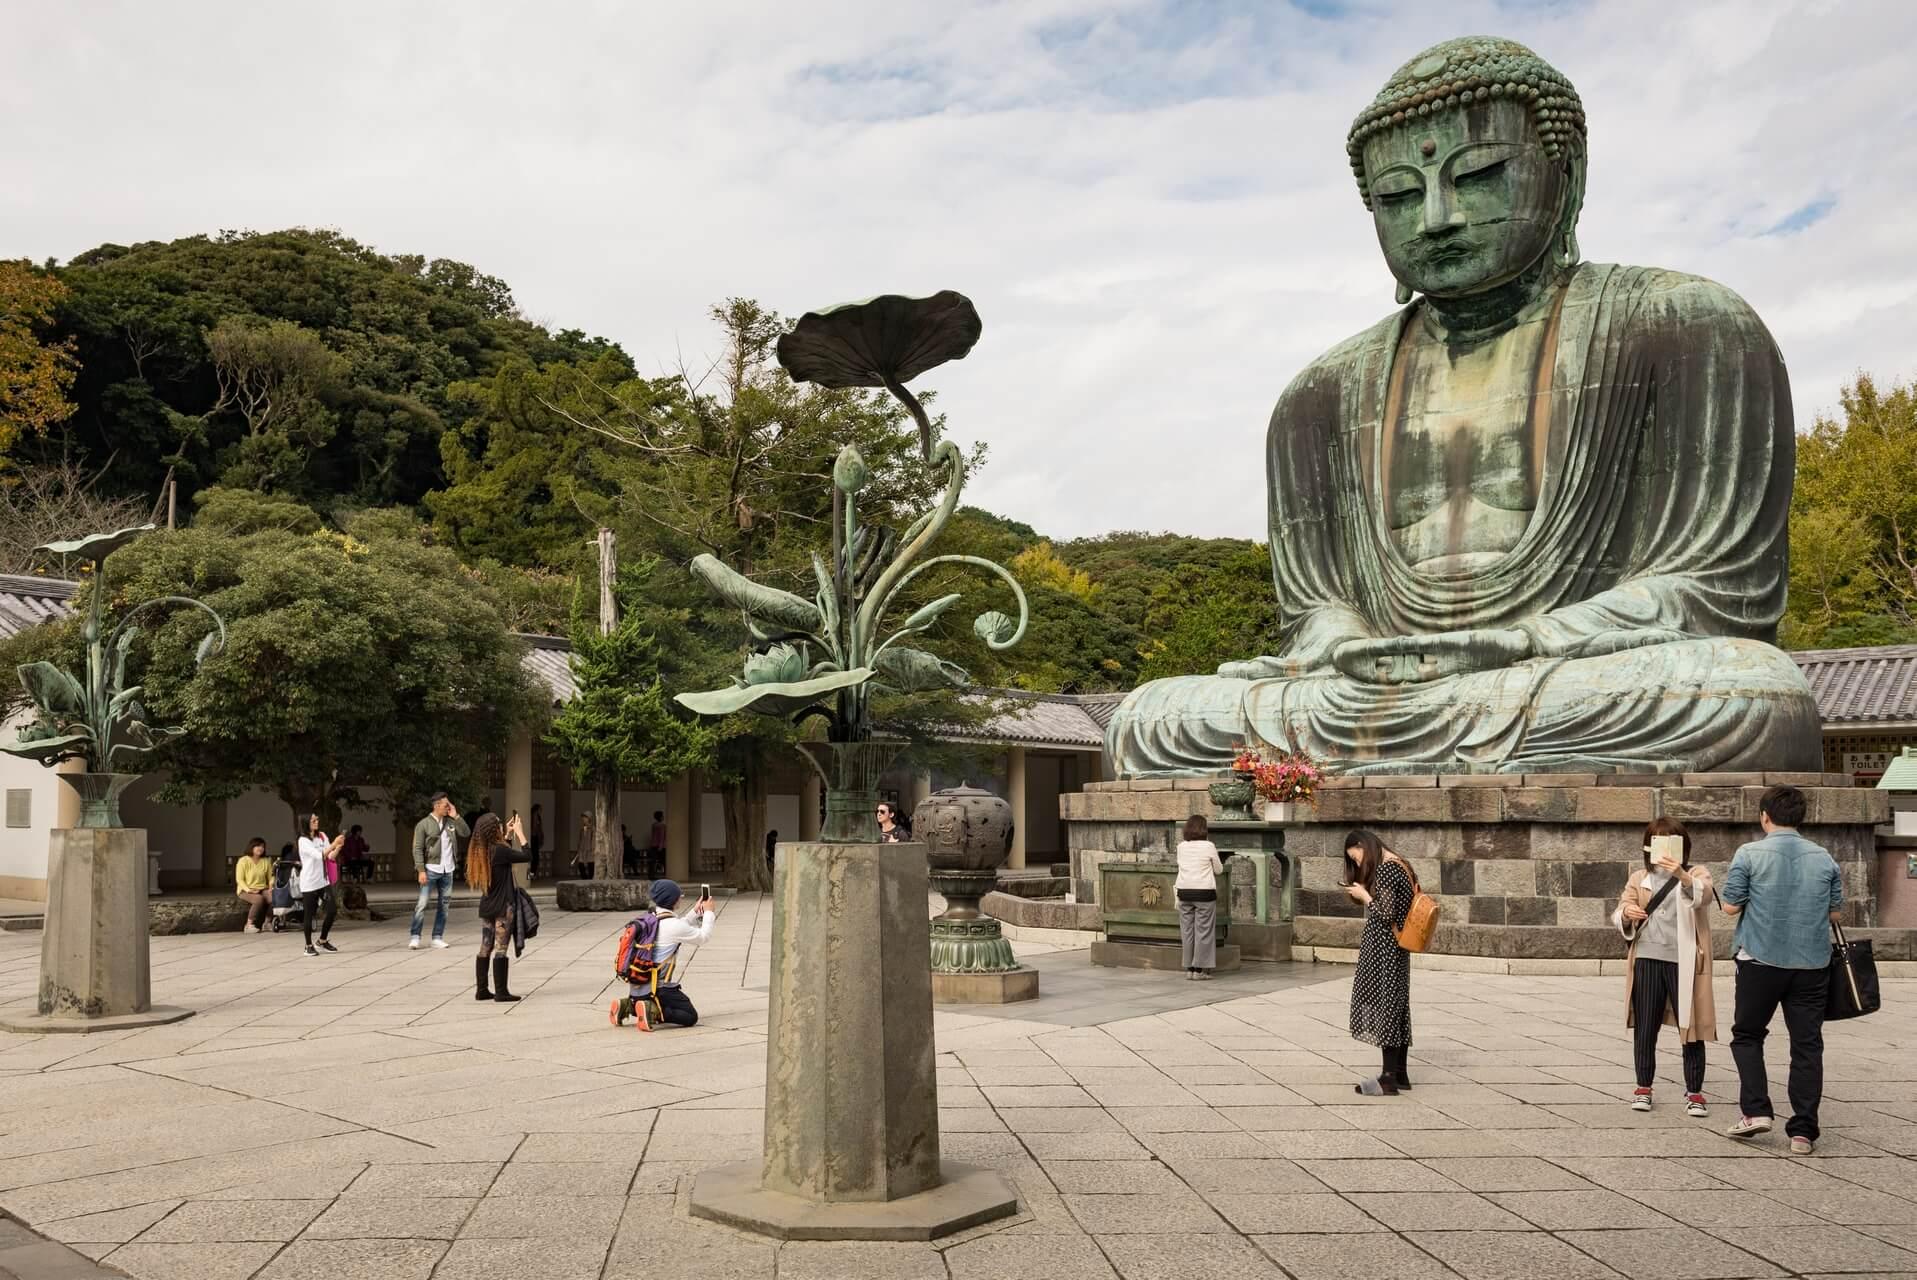 Japan: Daibutsu in Kamakura, Fotograf: Steffen Lohse